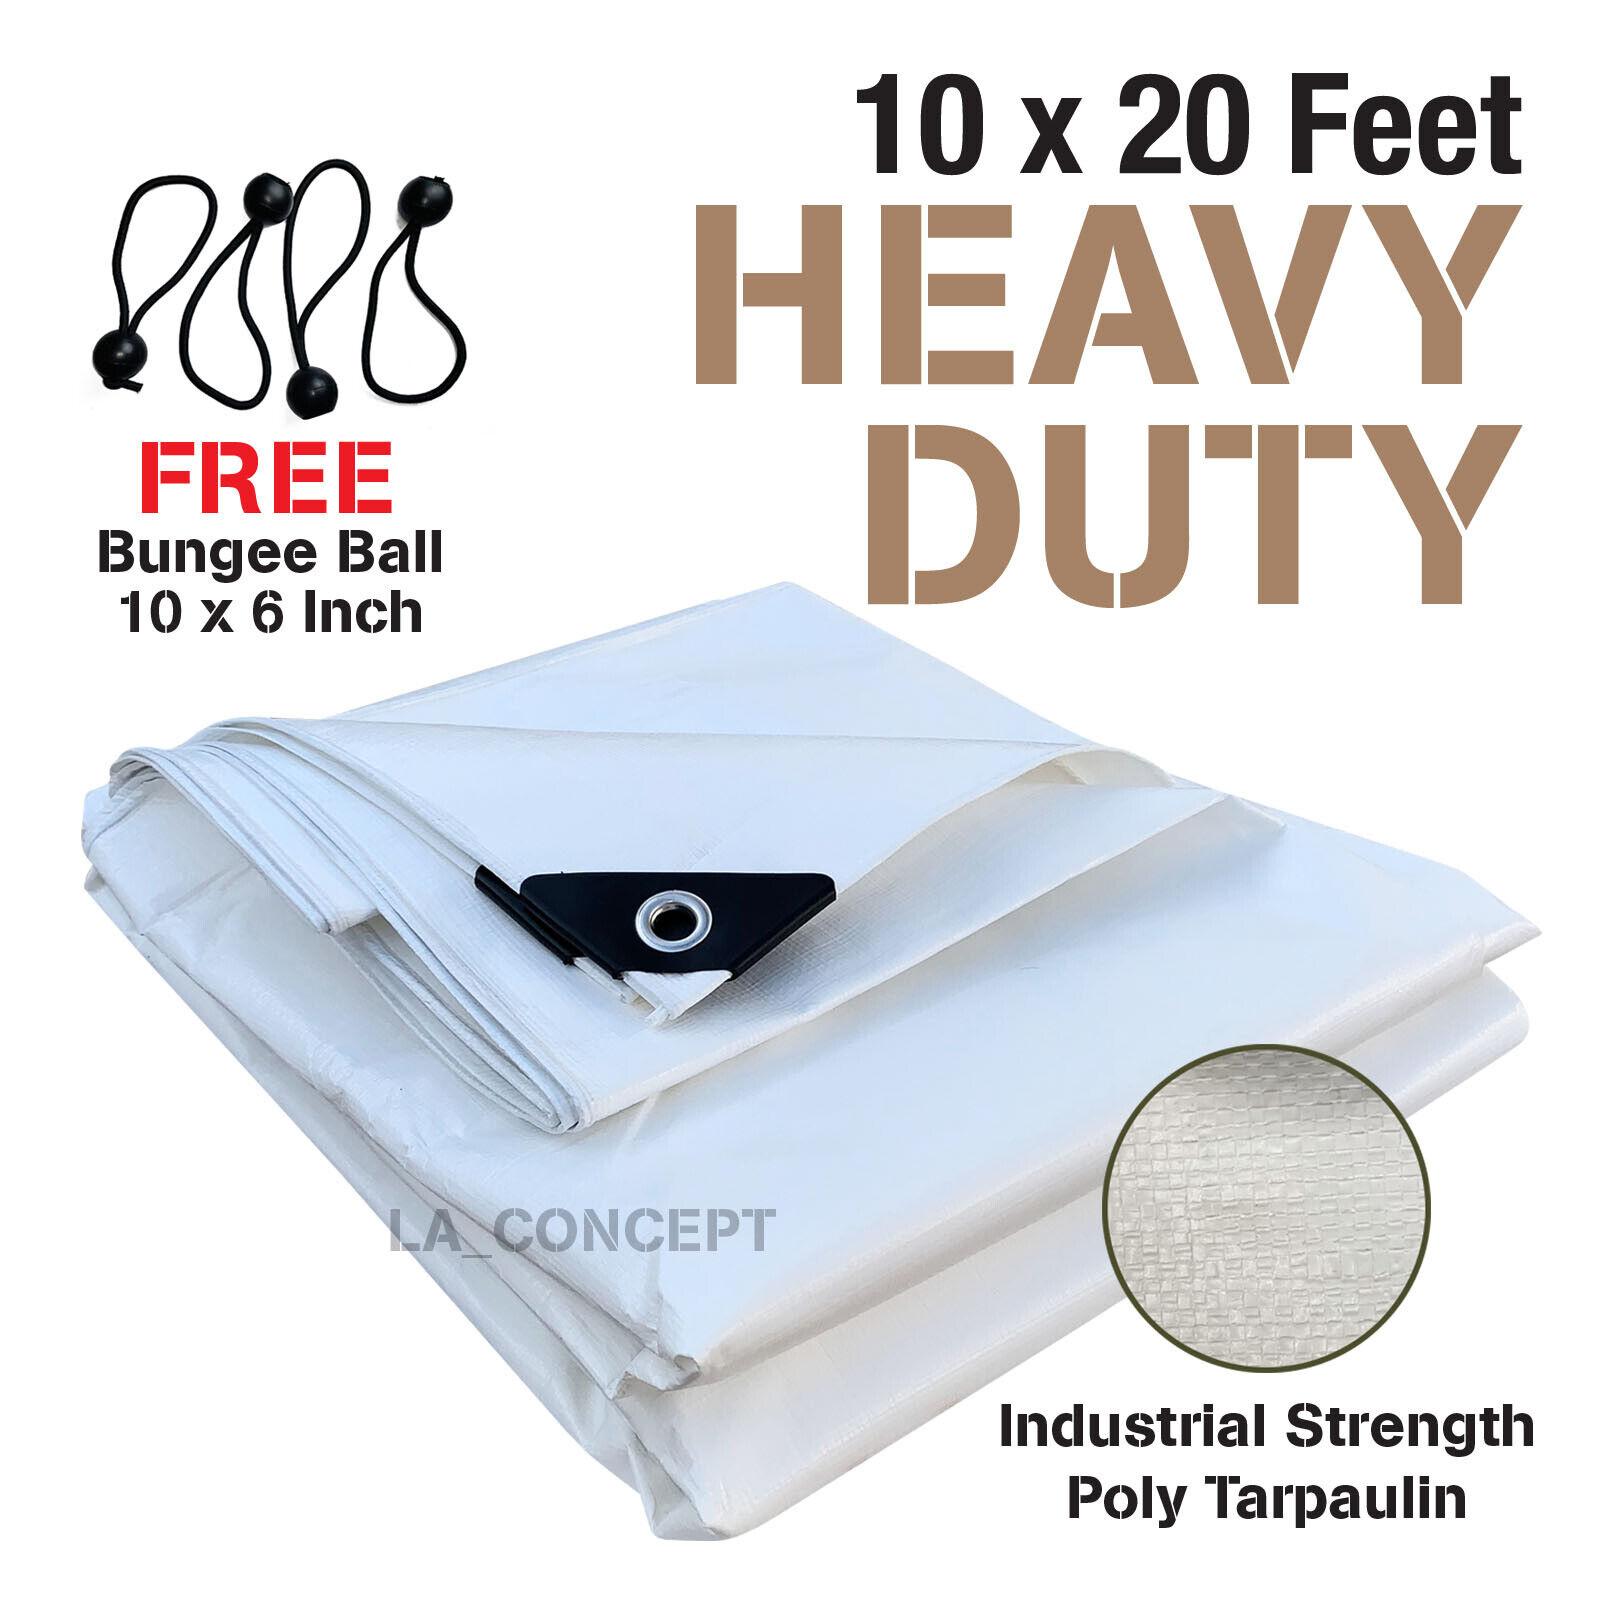 premium heavy duty canopy tarp poly tarpaulin